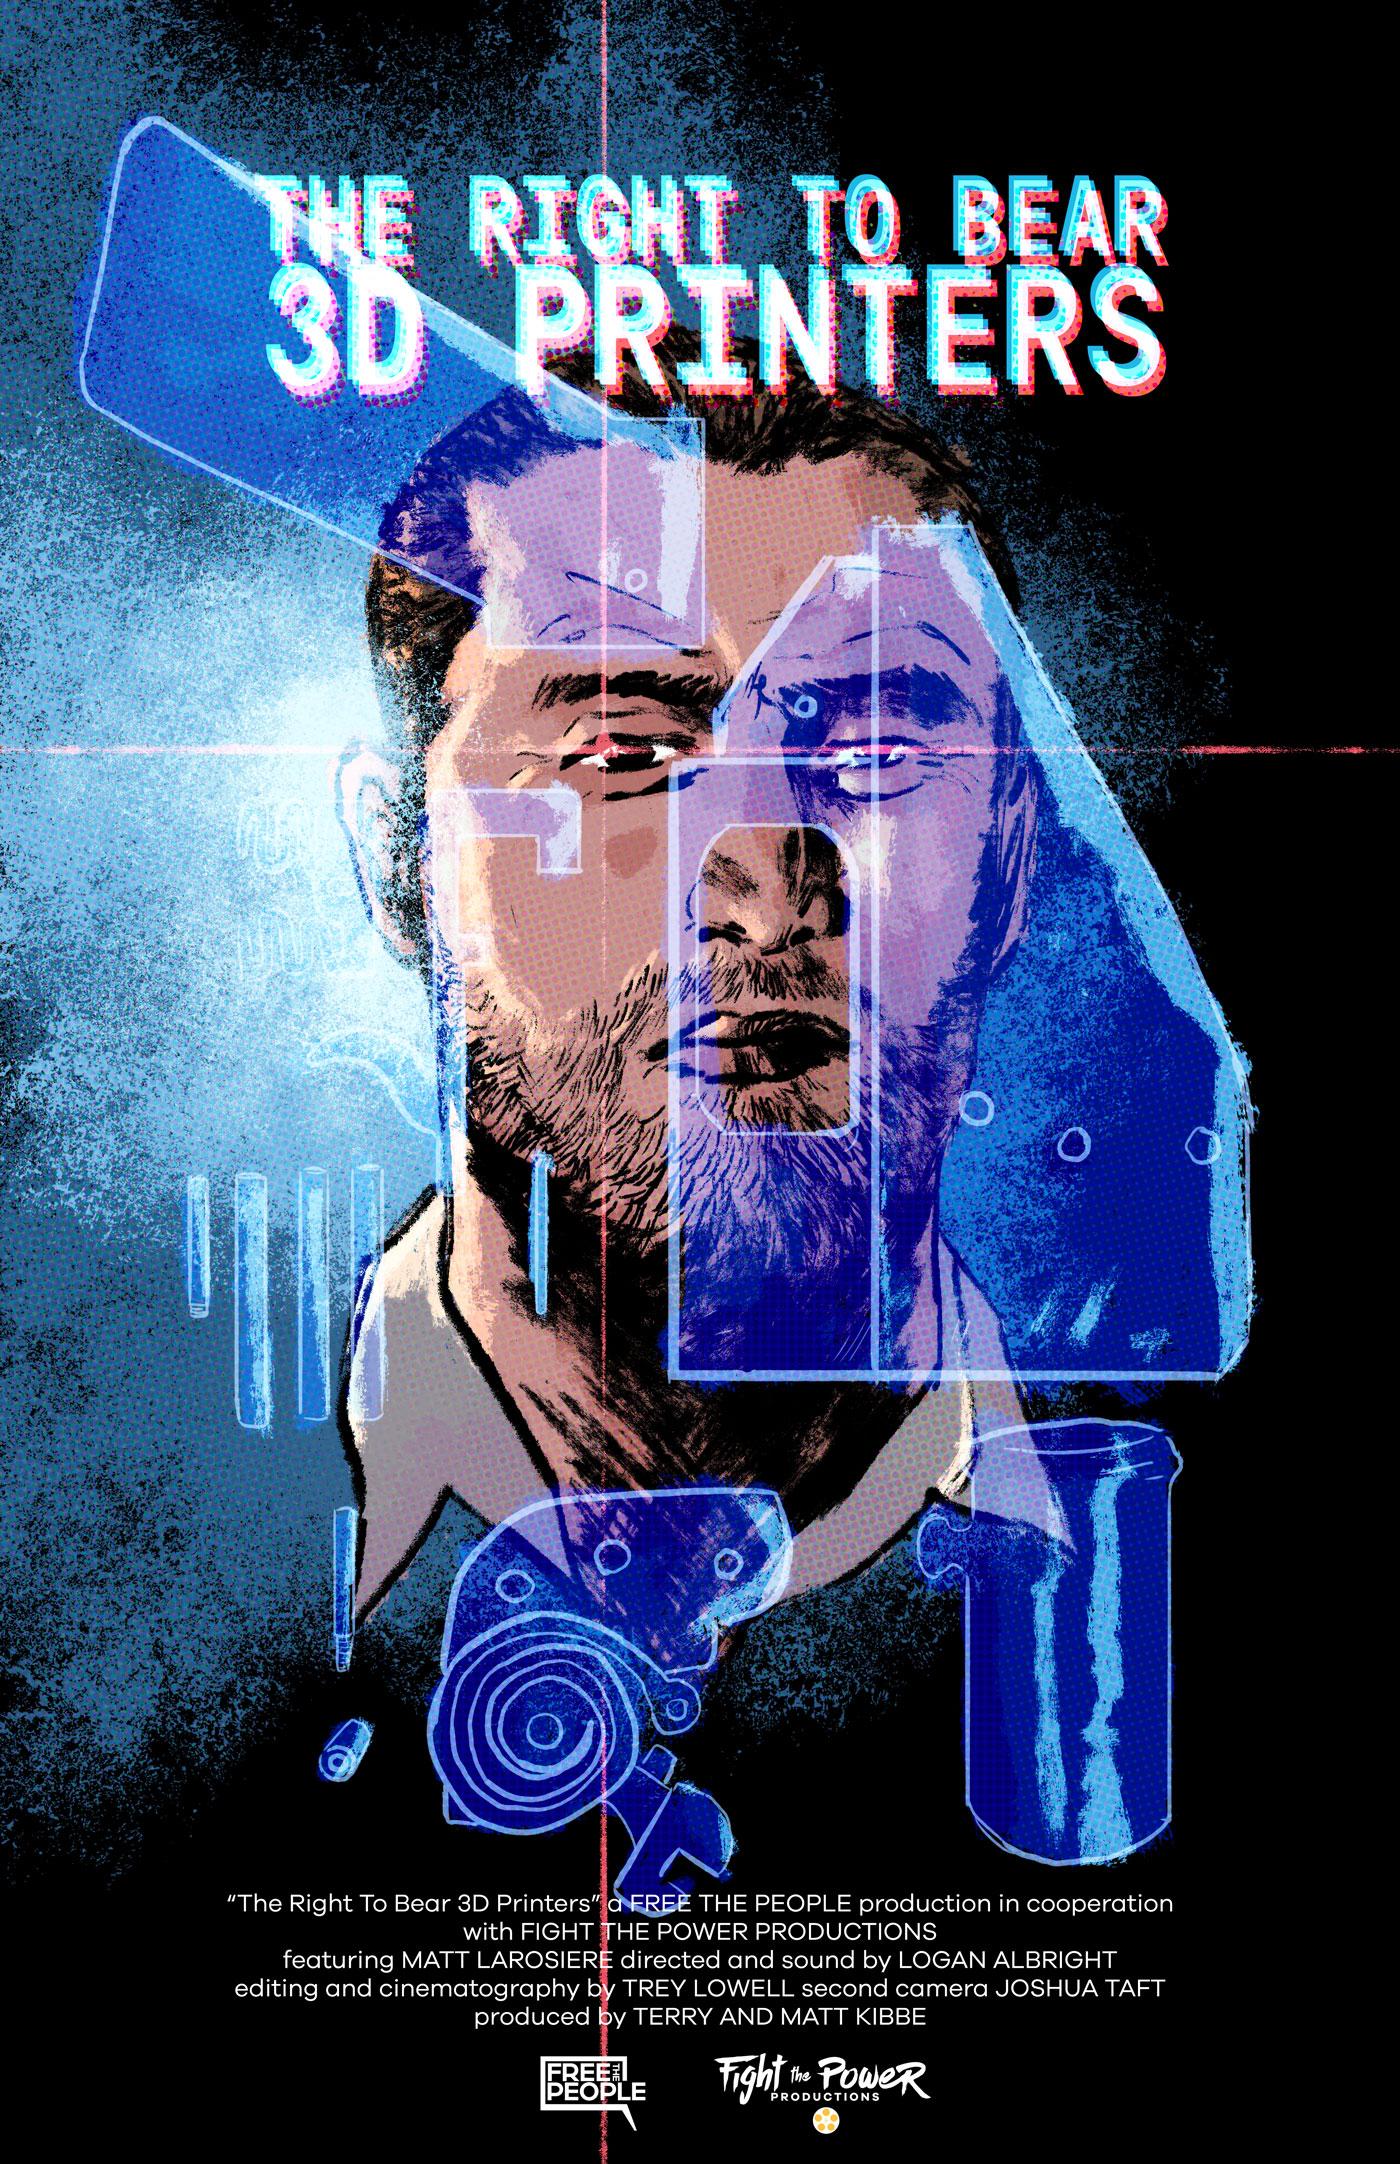 3dprinters_poster_v01.jpg